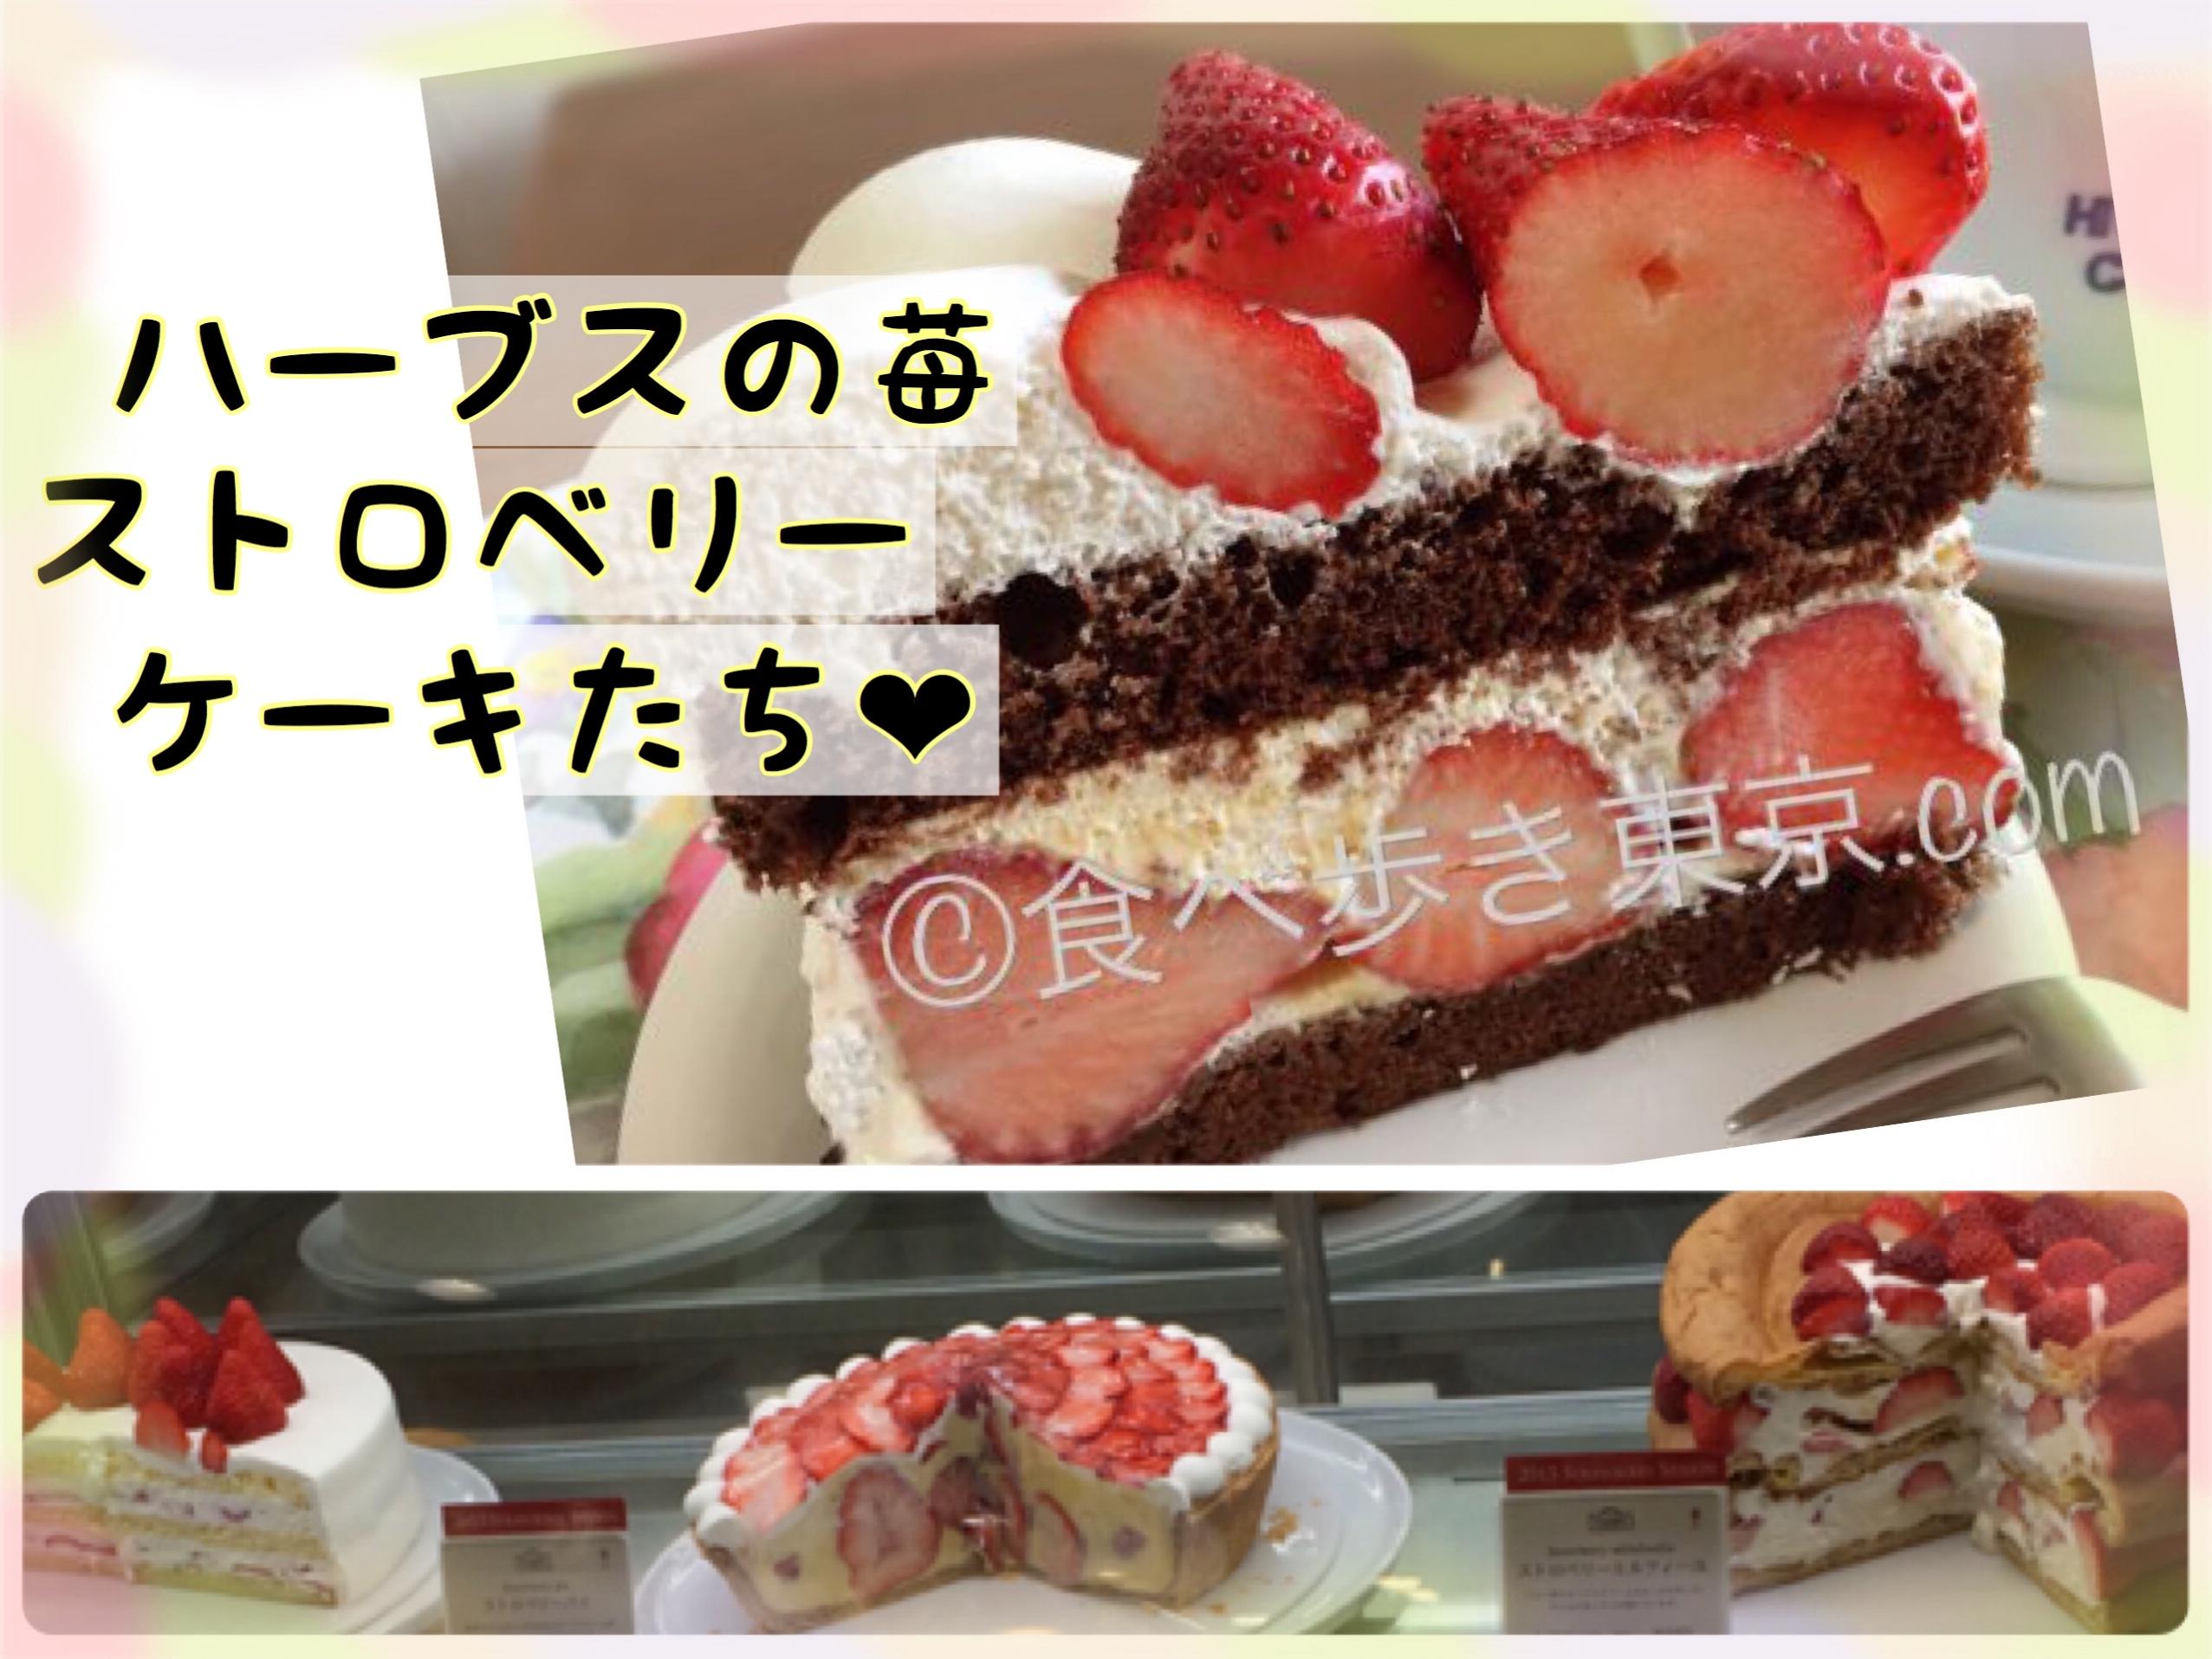 ハーブスの苺・ストロベリーケーキ